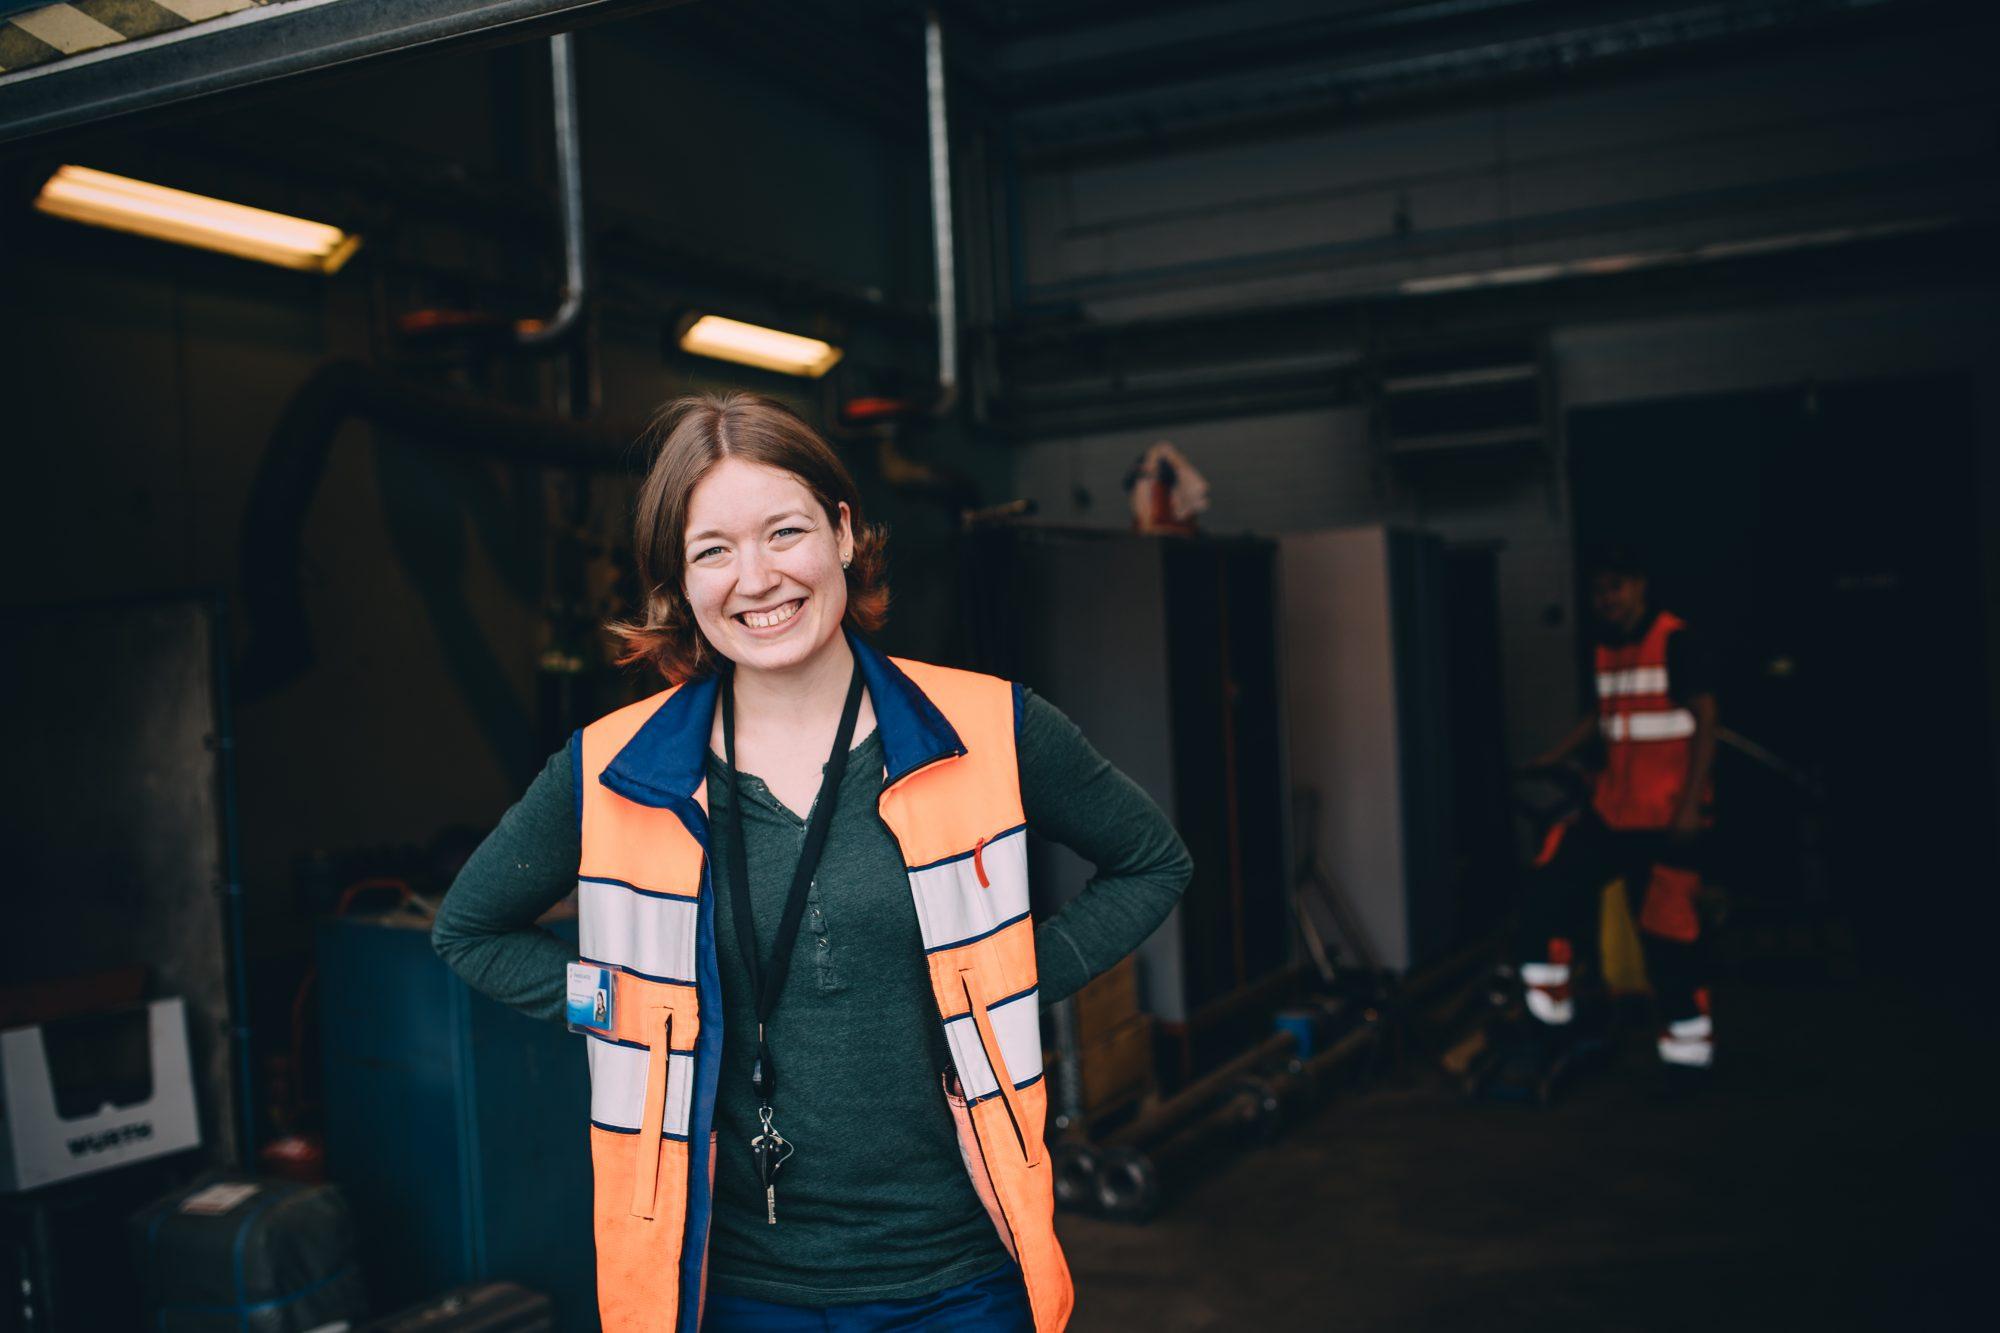 Tampereen Sähkölaitoksella oppii isojen kokonaisuuksien hallintaa. Kuva: Niko Jekkonen